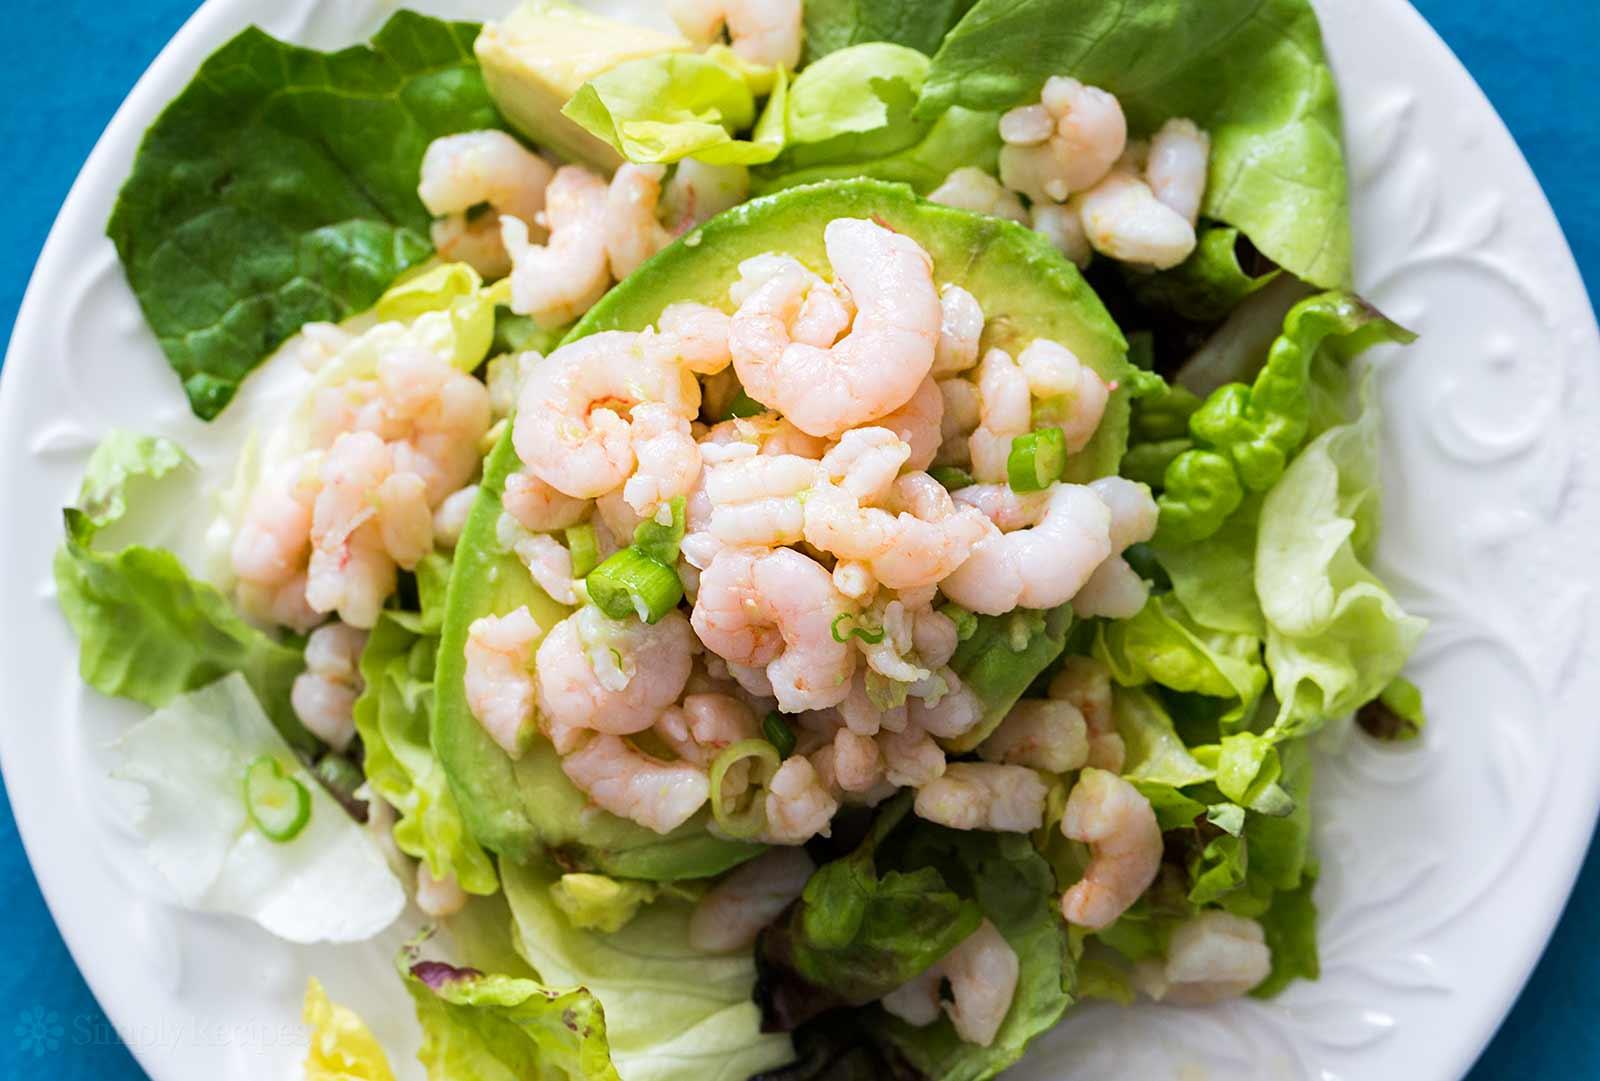 Bay Shrimp and Avocado Salad